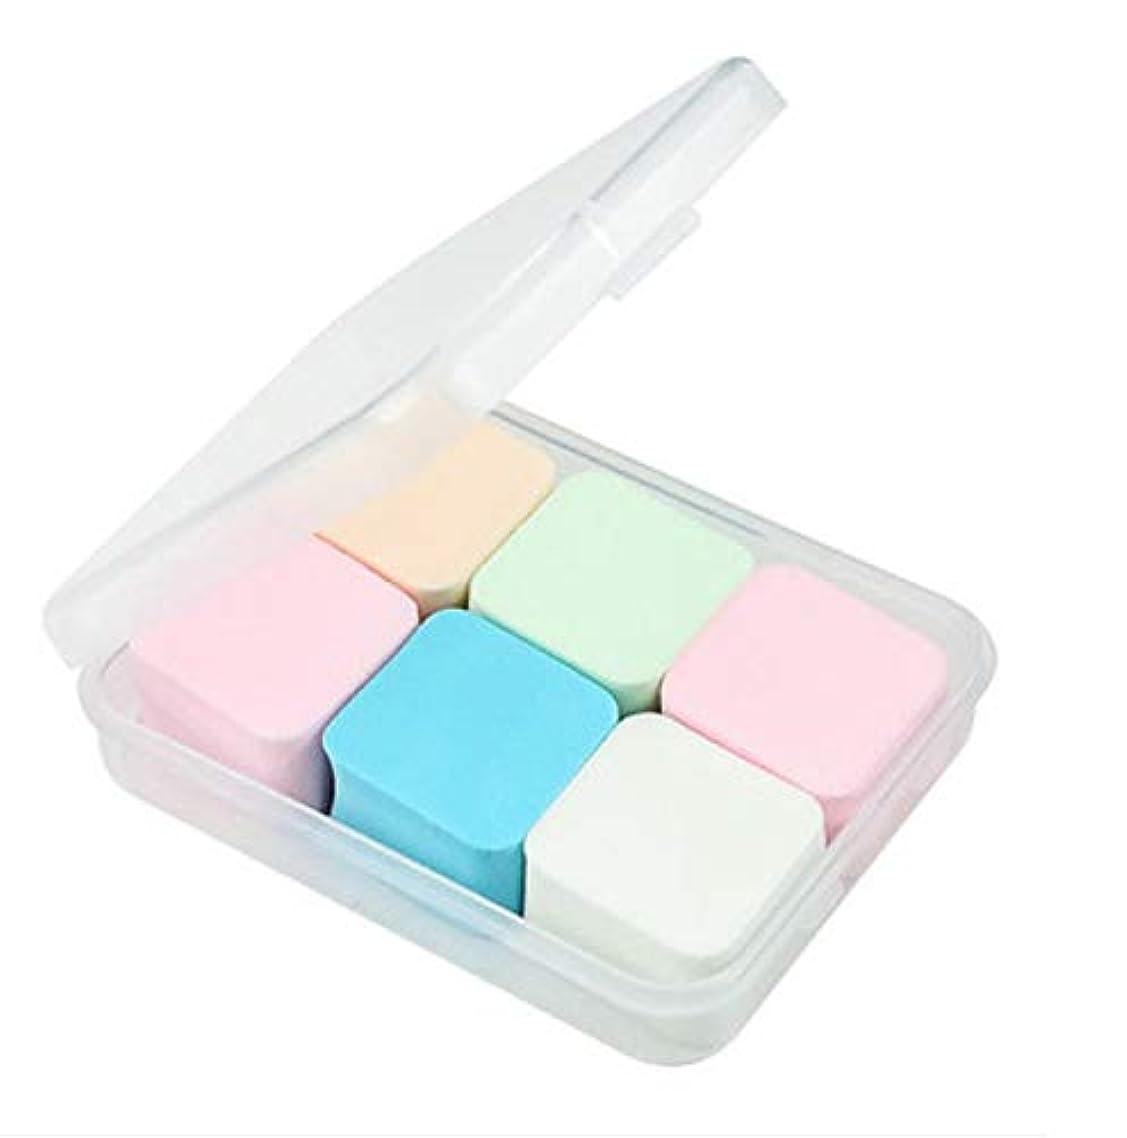 管理者パシフィック補償美容スポンジ、収納ボックス付きソフトダイヤモンド化粧スポンジ美容メイク卵6パック